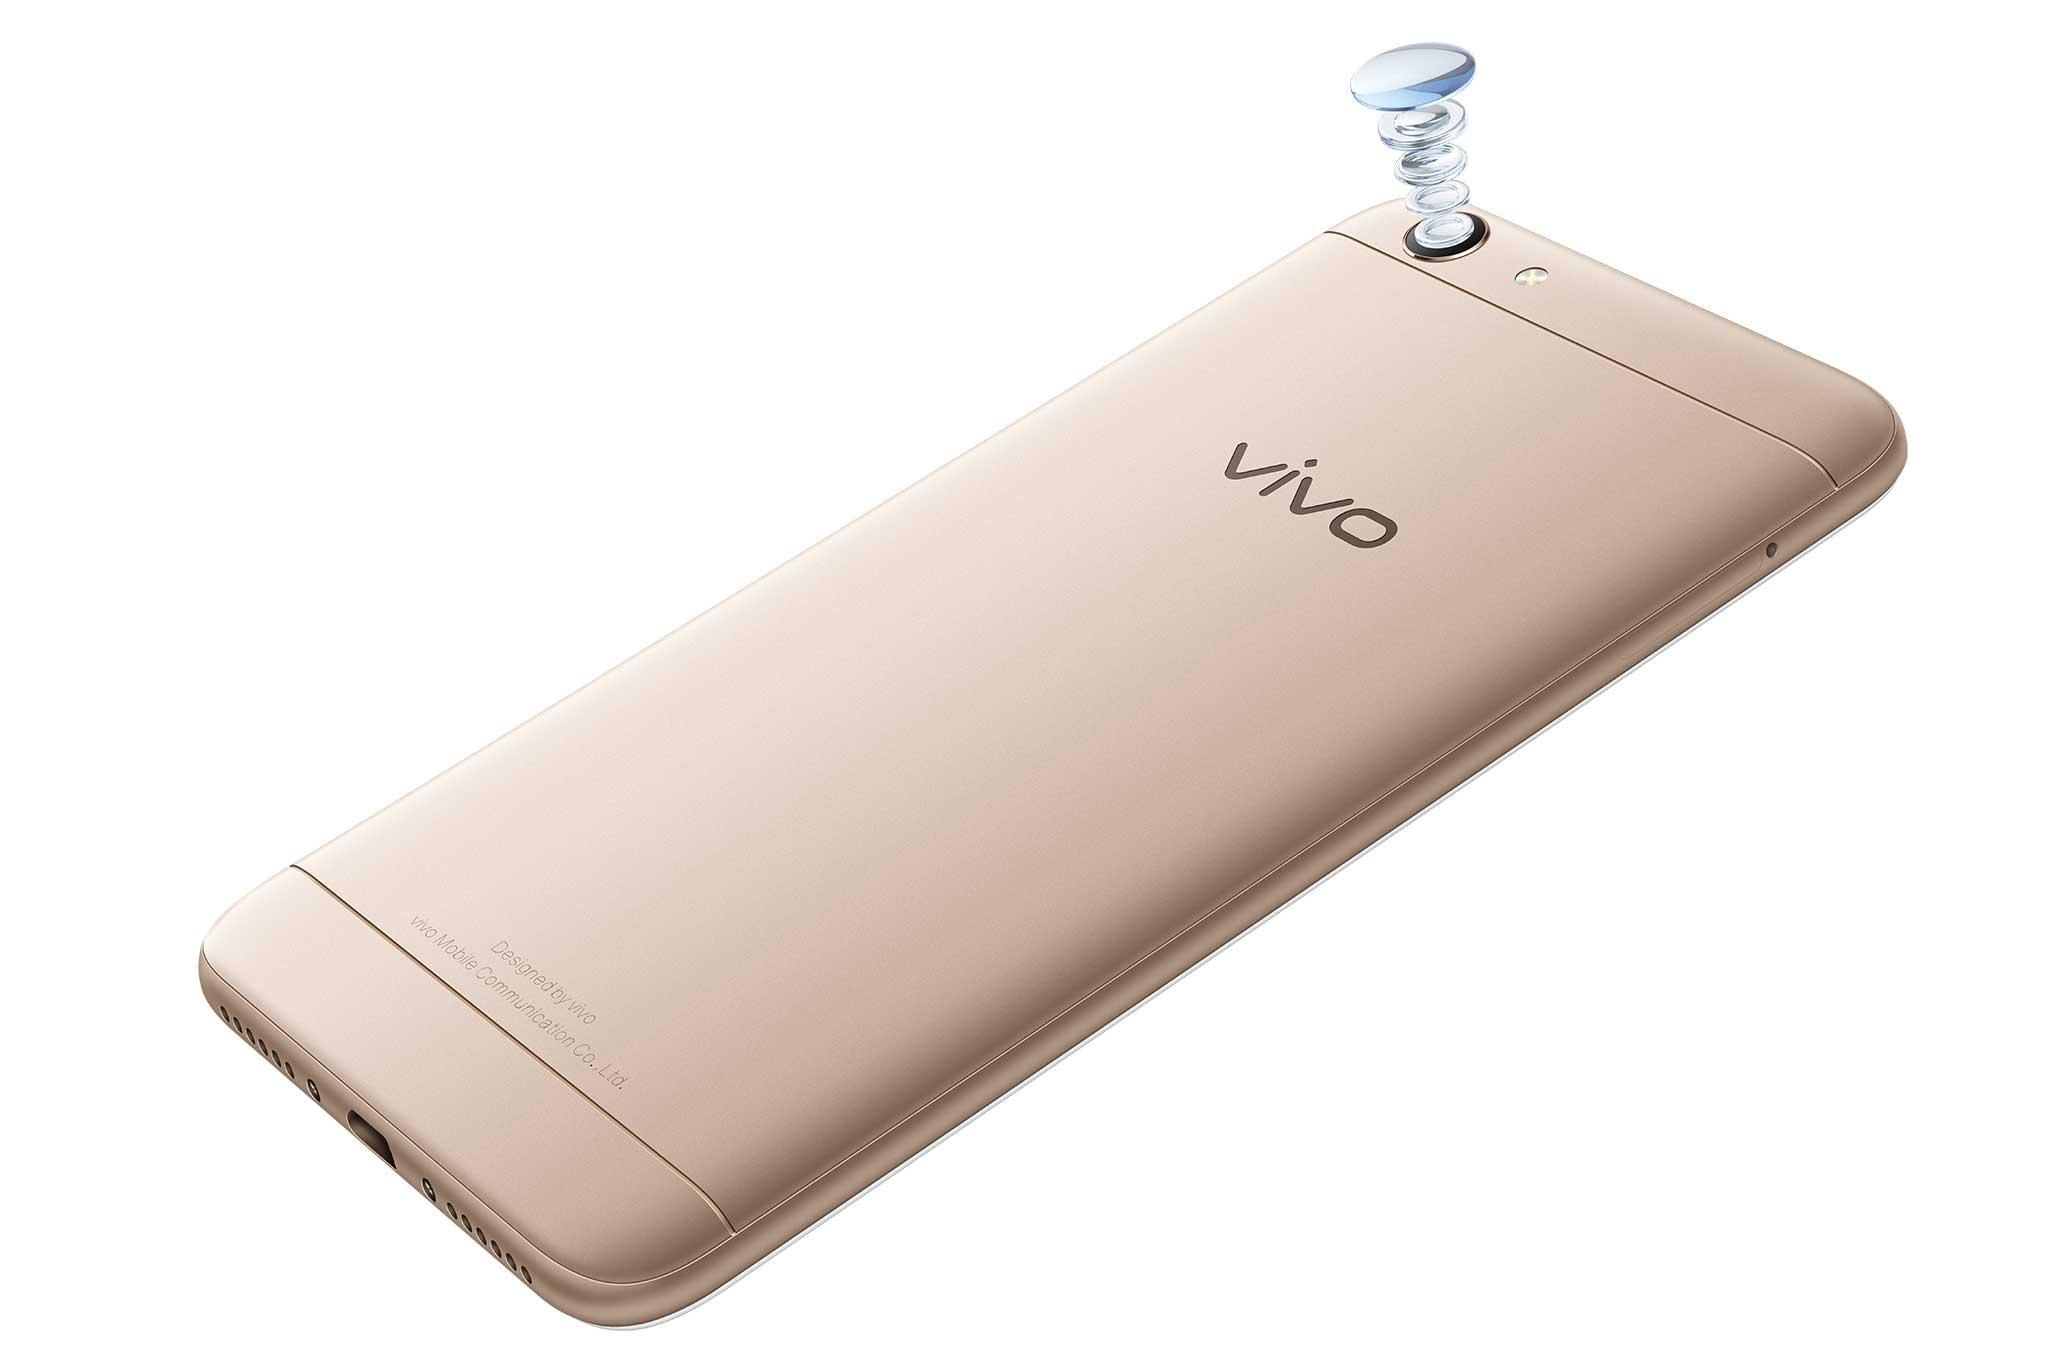 Chính thức ra mắt Vivo Y53 với giá 3,4 triệu đồng